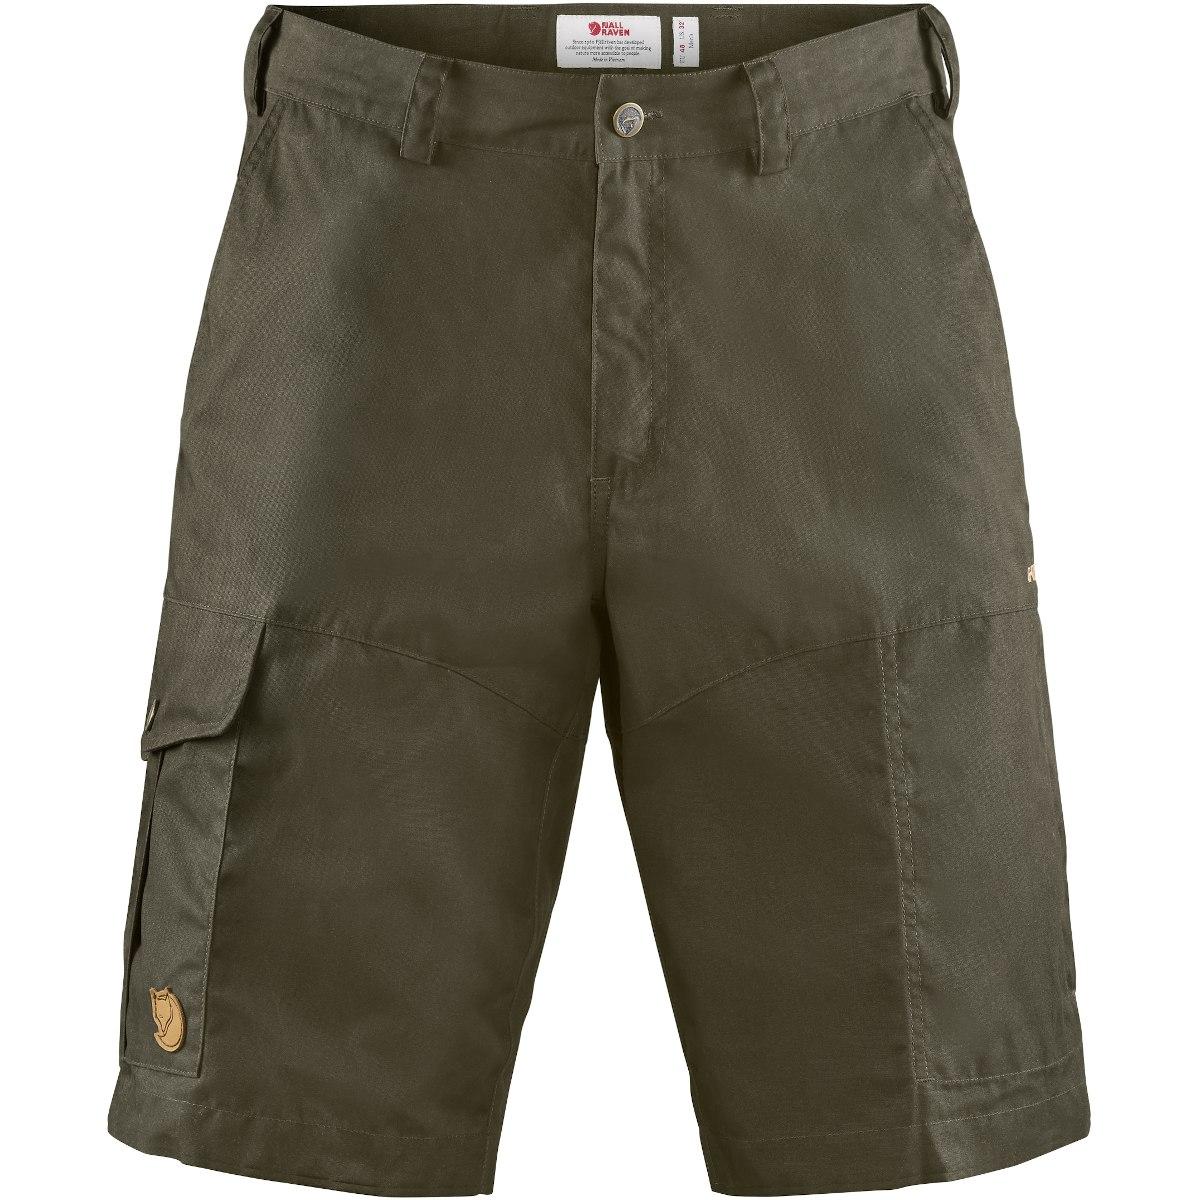 Fjällräven Karl Pro Shorts - dark olive